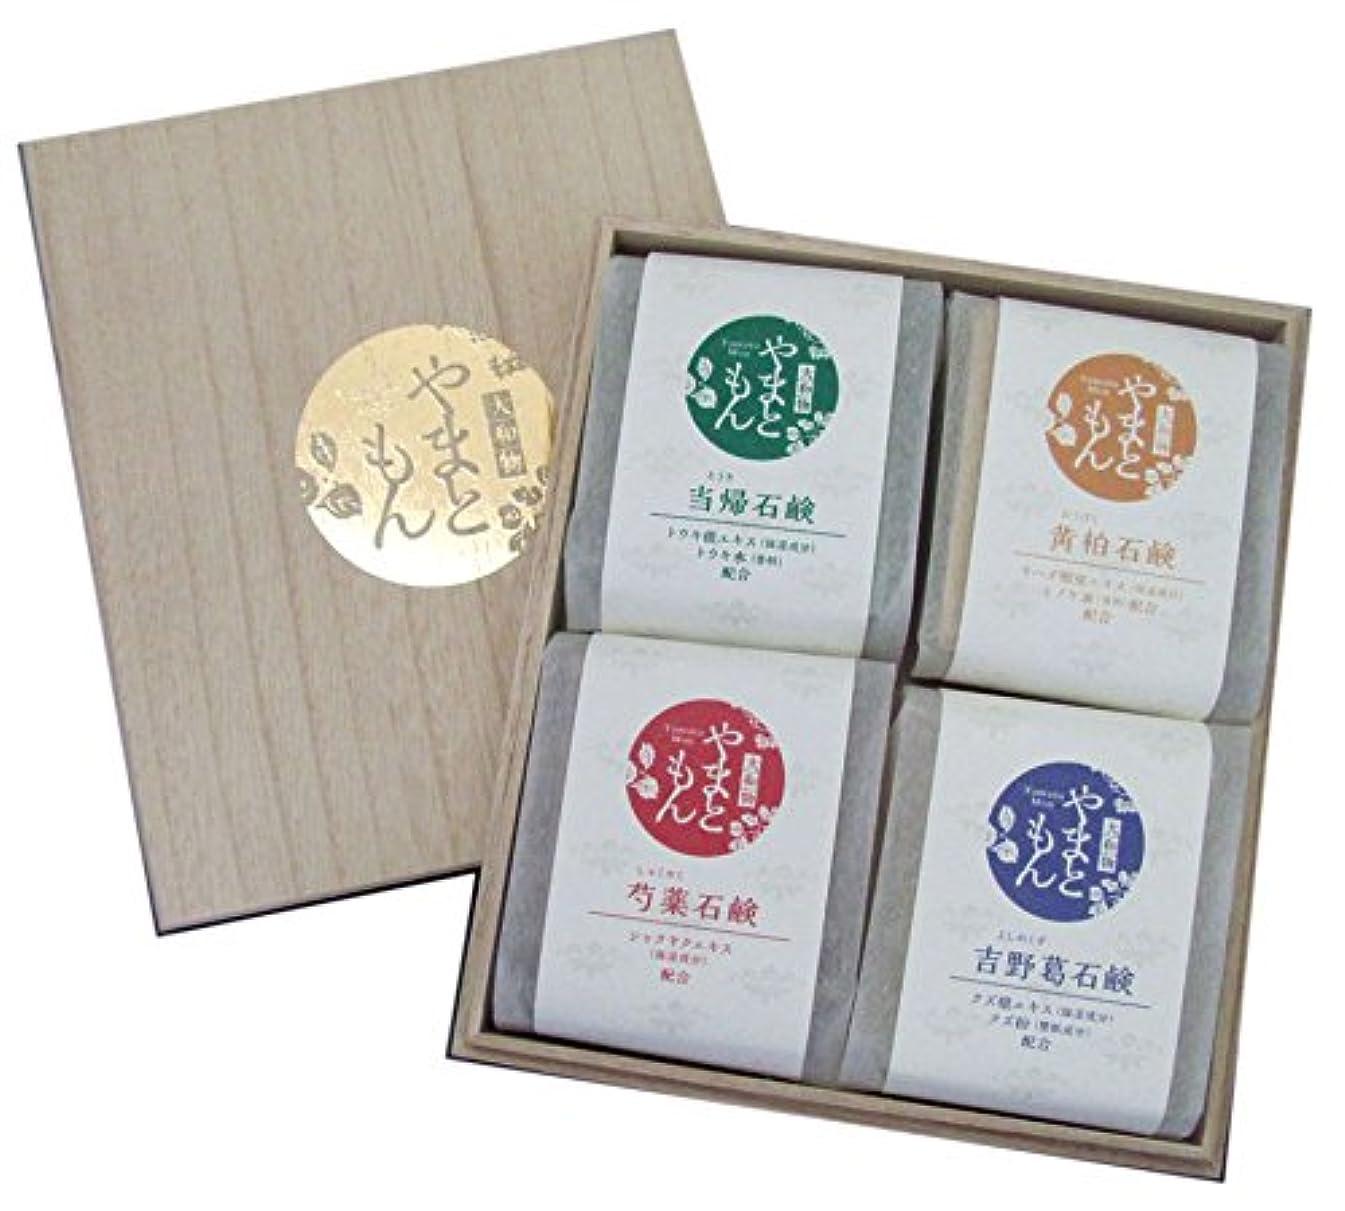 人質メンタル地域の奈良産和漢生薬エキス使用やまともん化粧品 石鹸ギフト